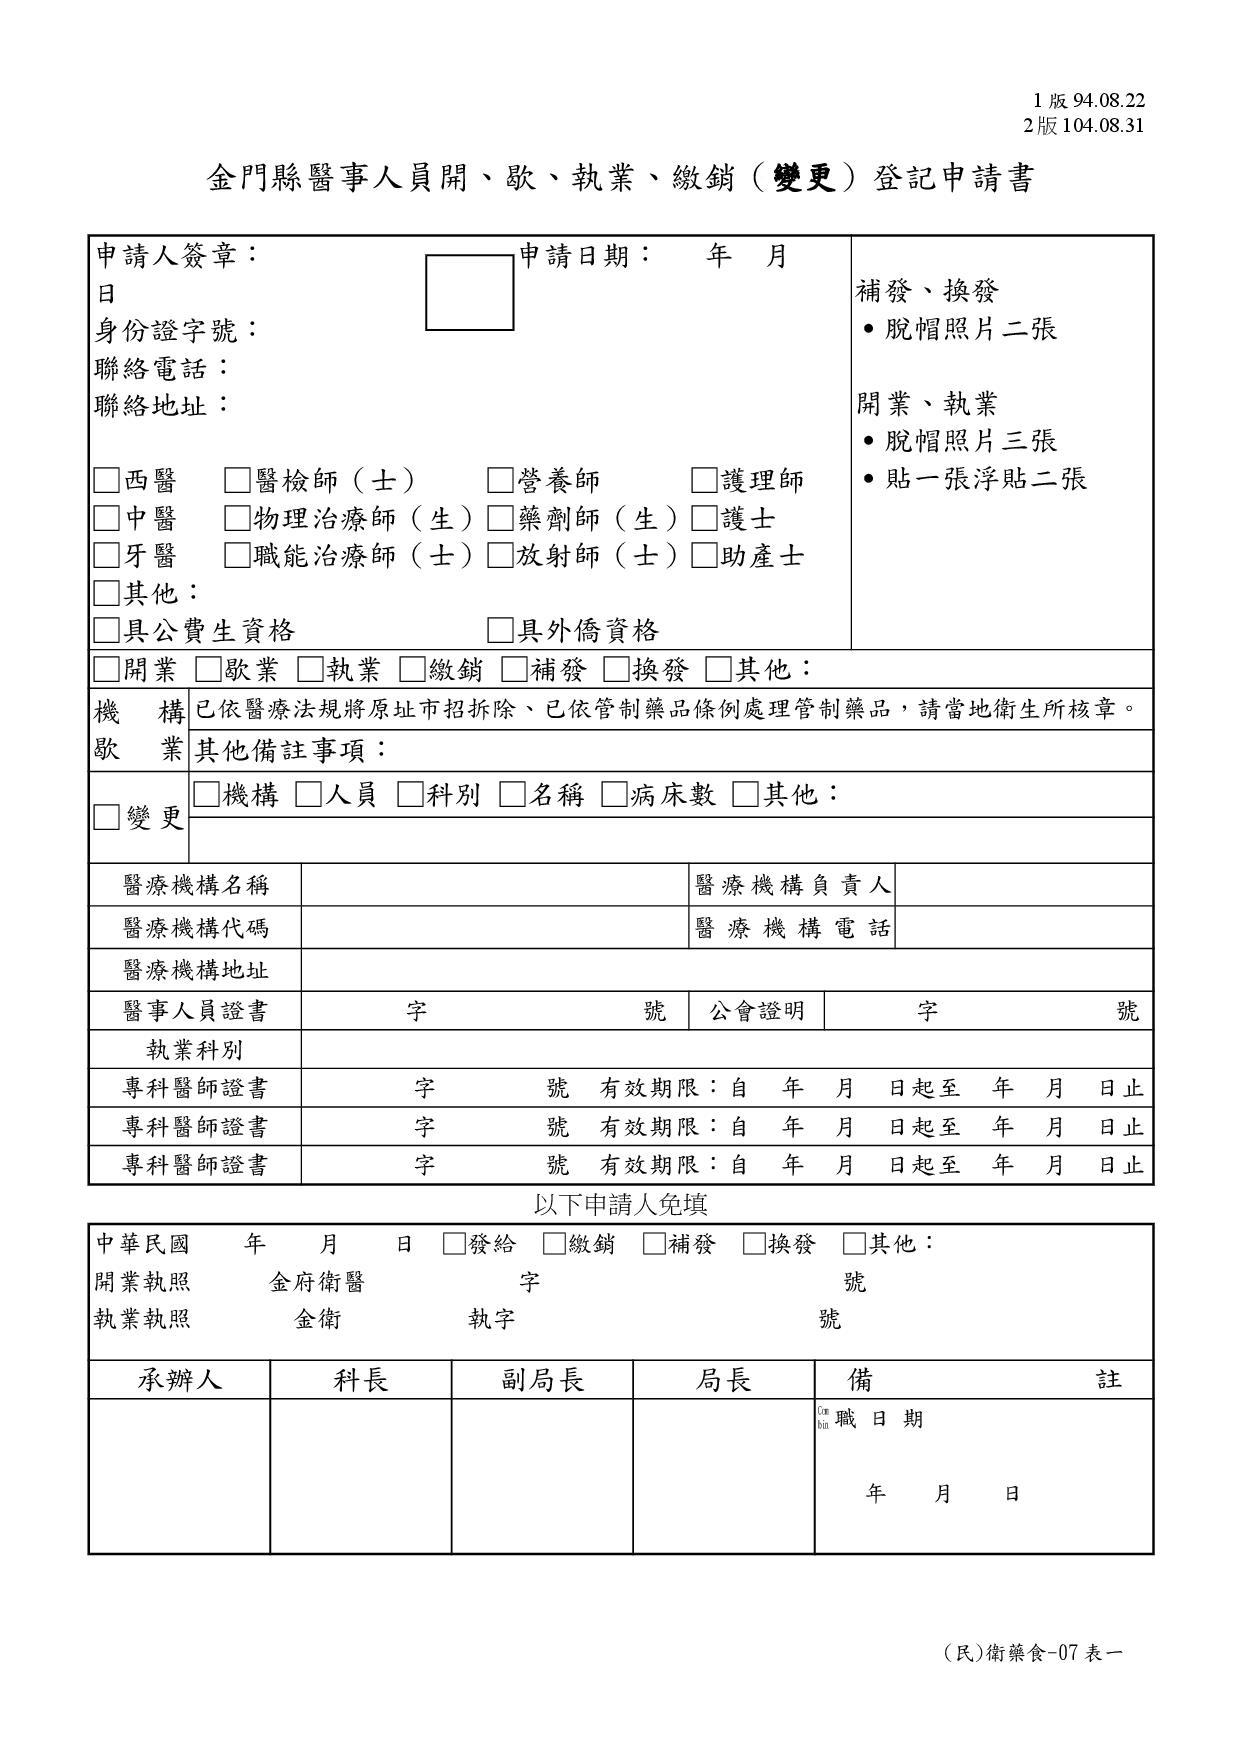 (民)衛藥食07-表一(金門縣醫事人員開、歇、執業、繳銷(變更)登記申請書)